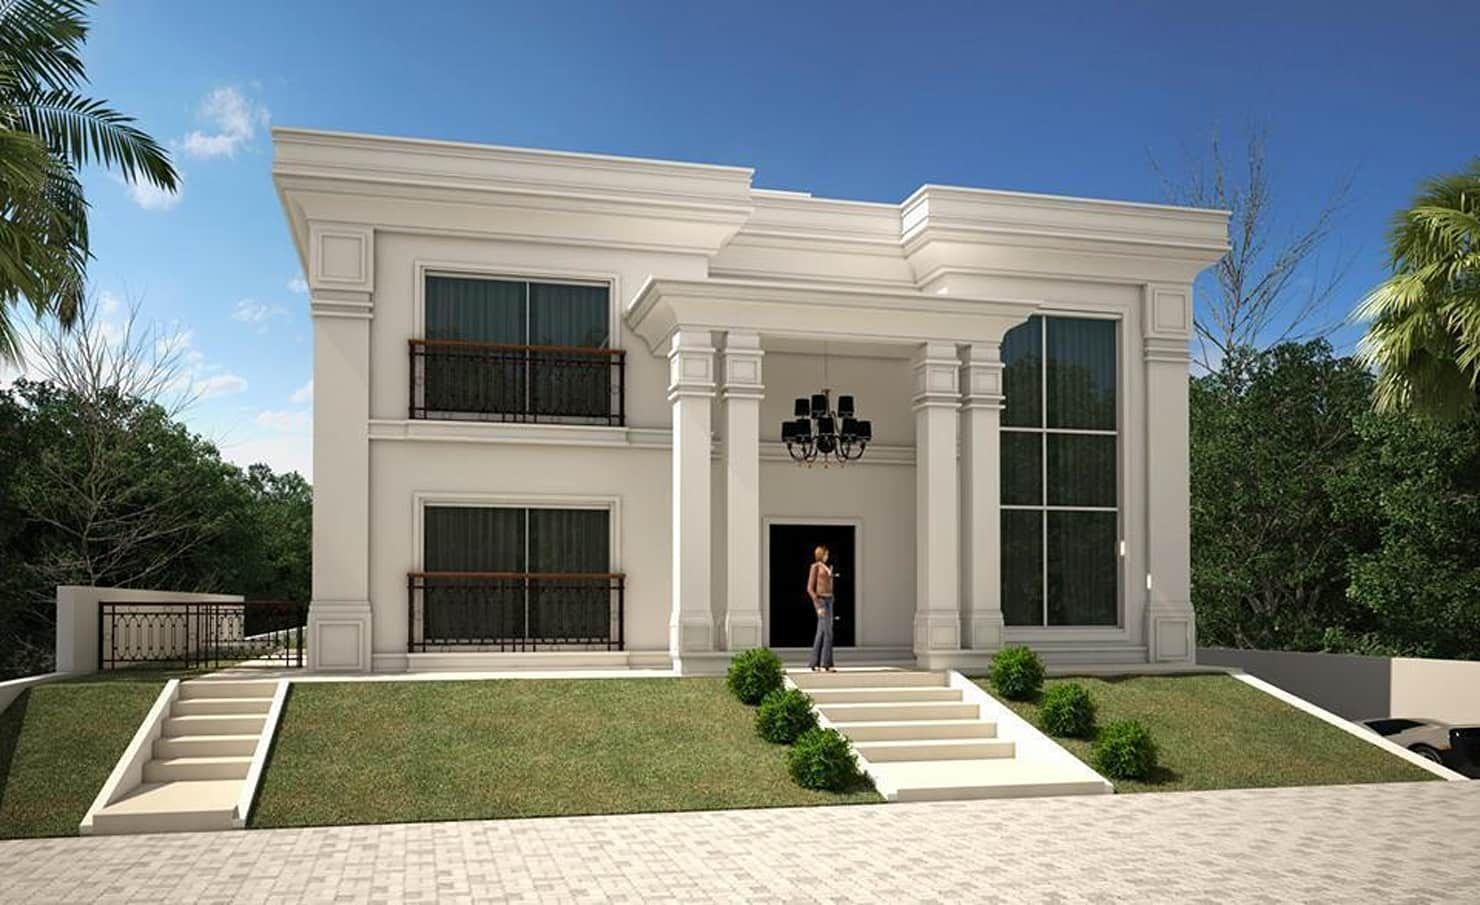 Casa neoclassica moderna casas por tra o final for Foto casa classica